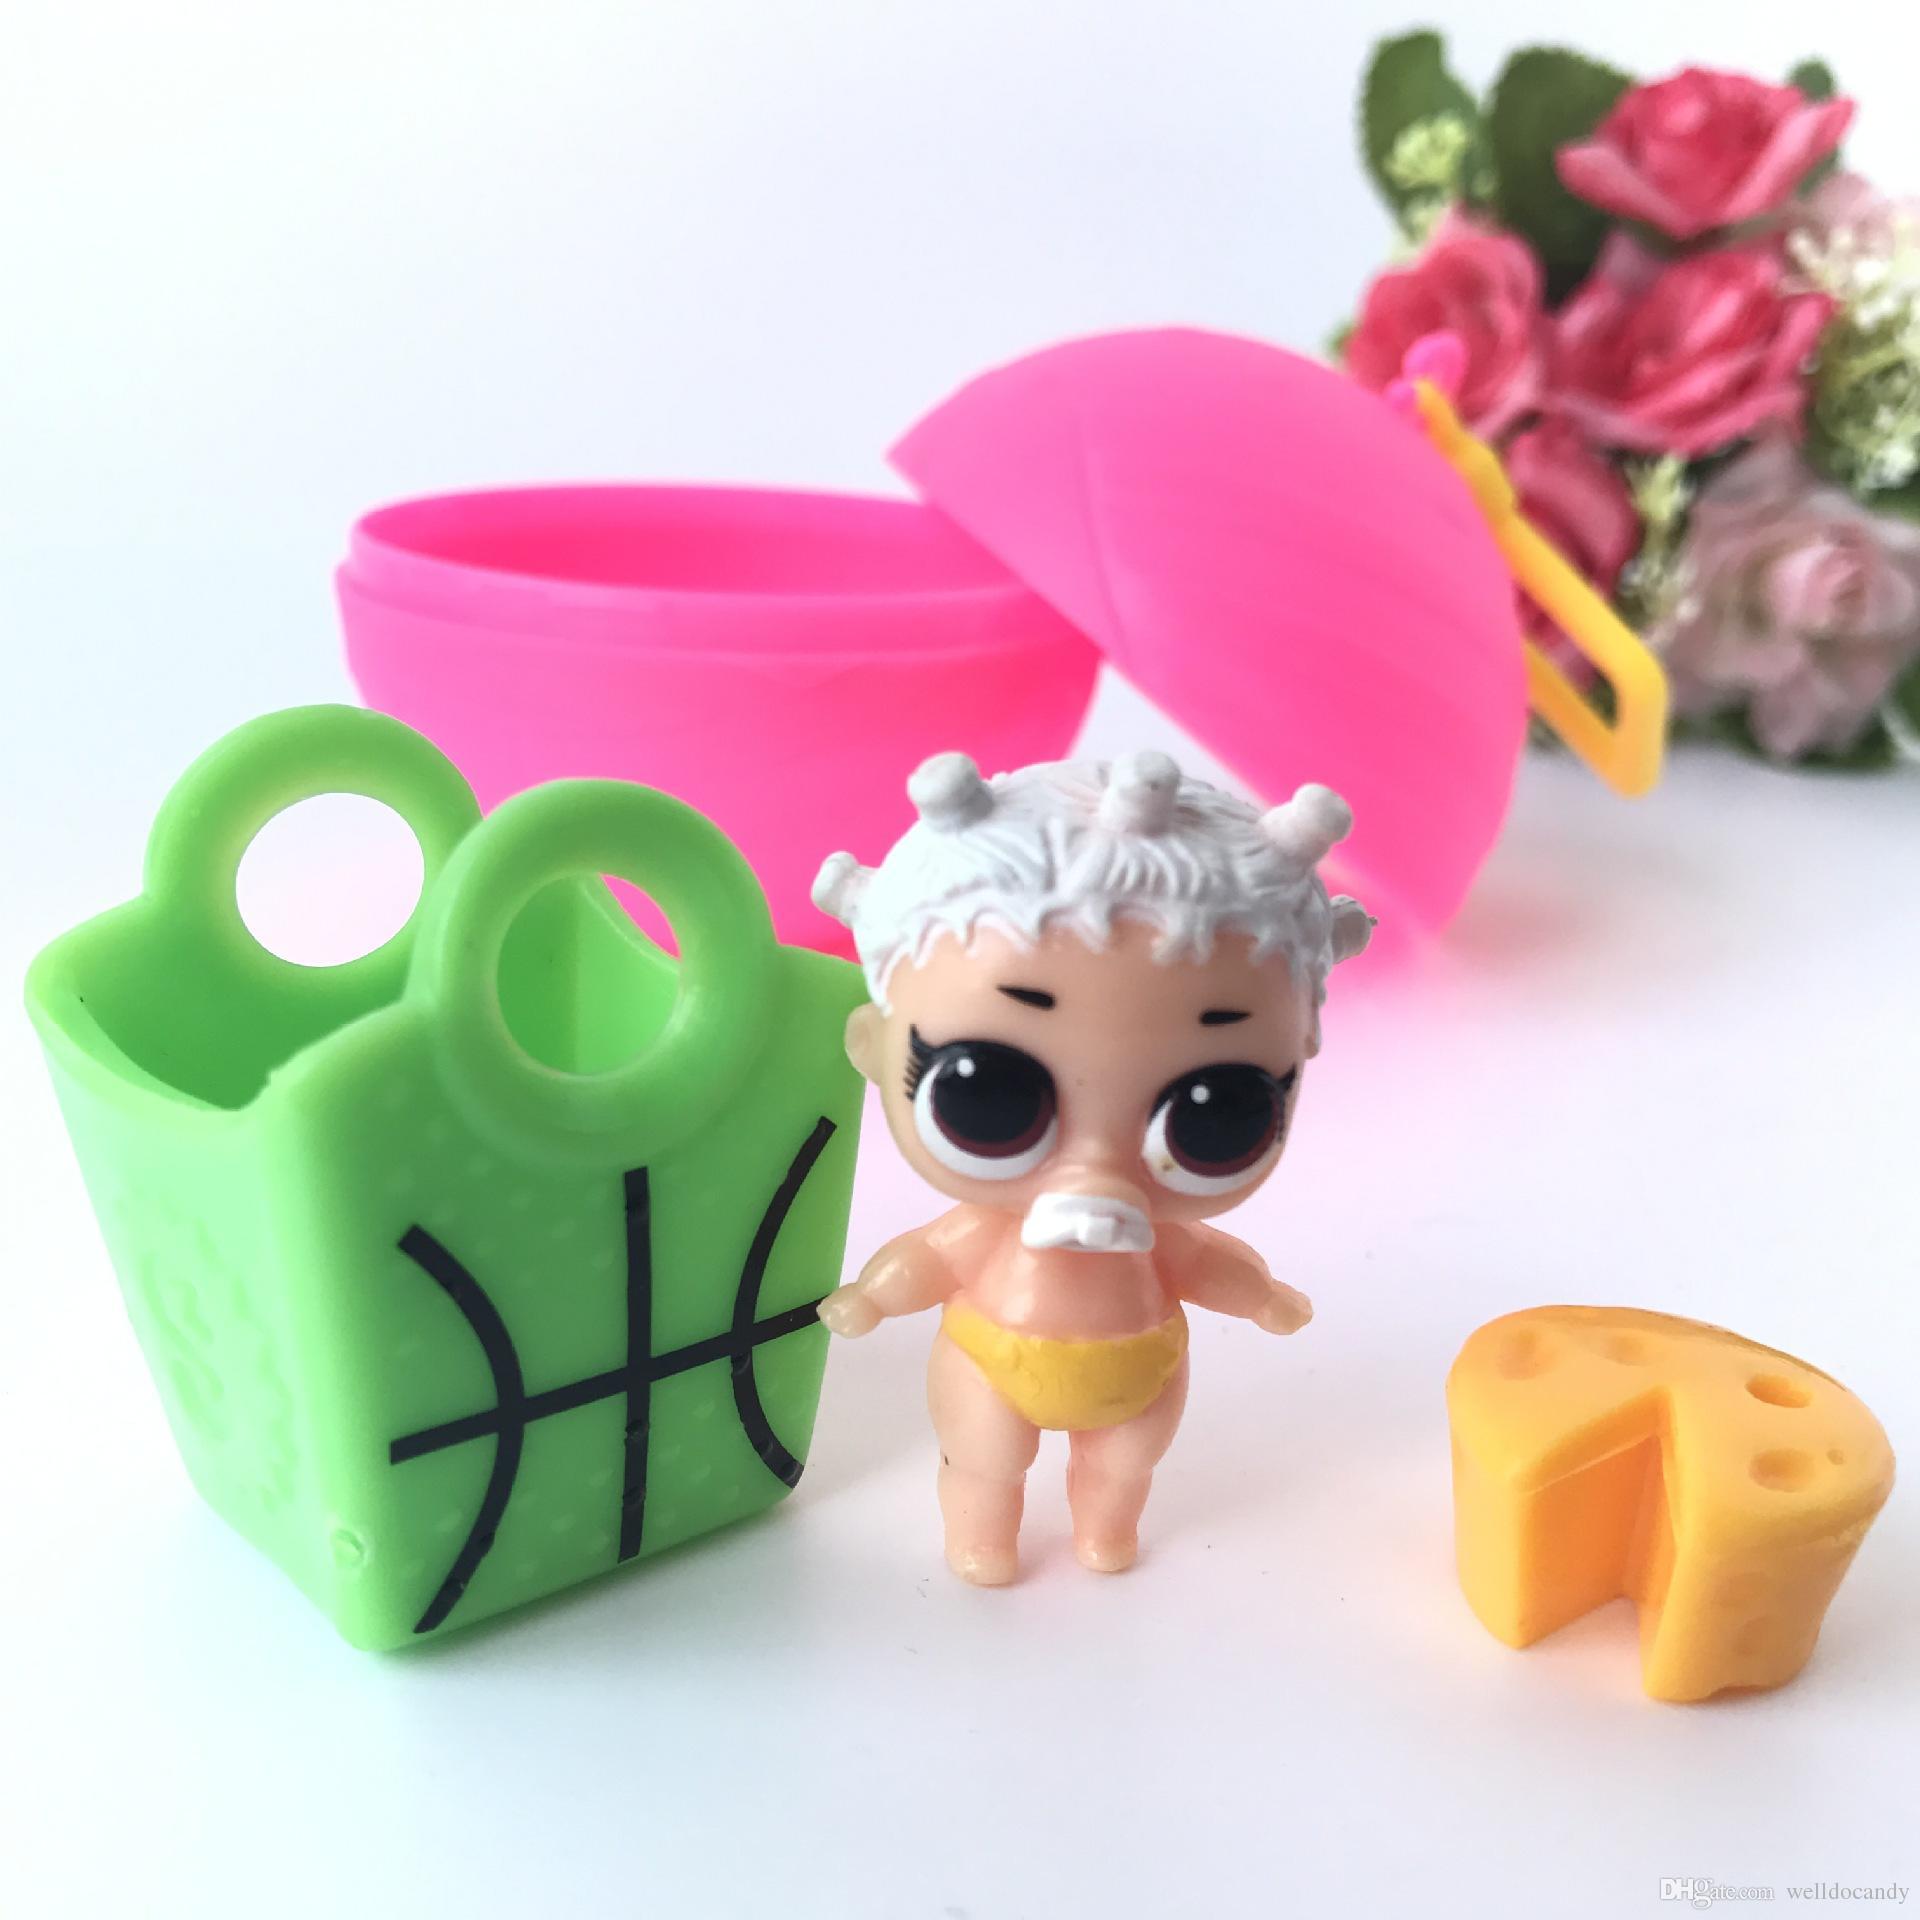 куклы лол купить оригинал за 100 рублей